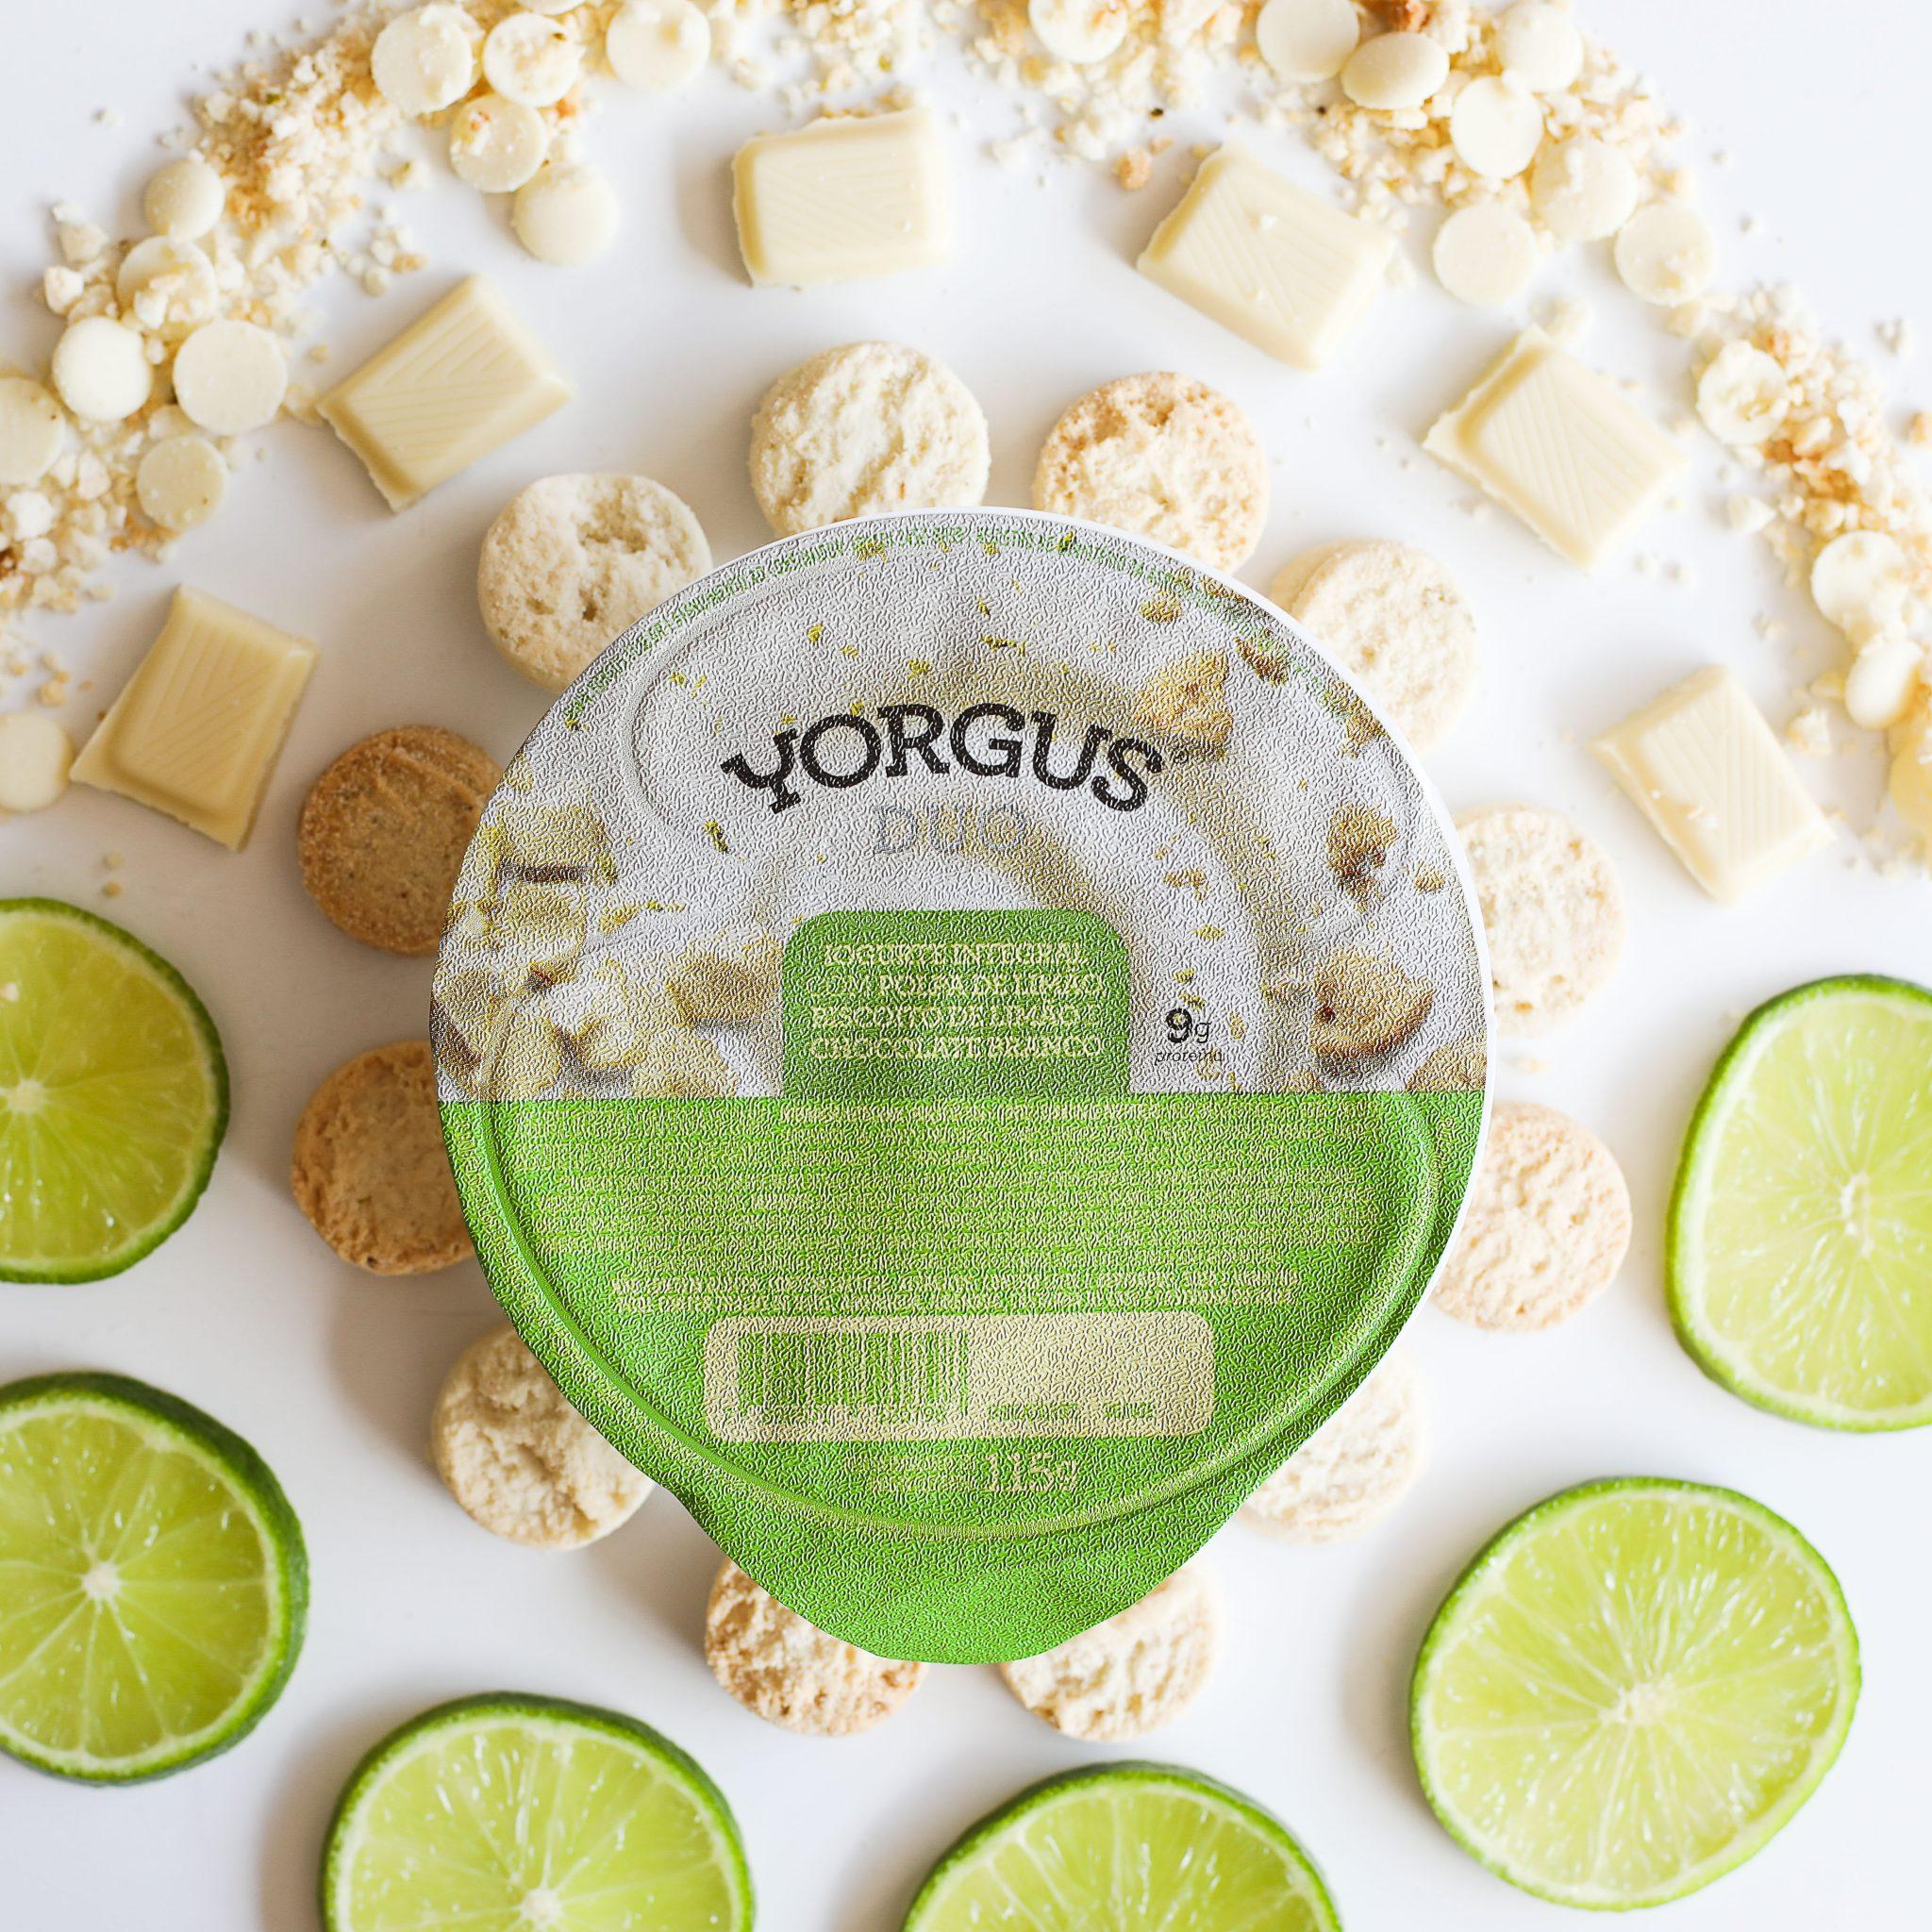 Yorgus2